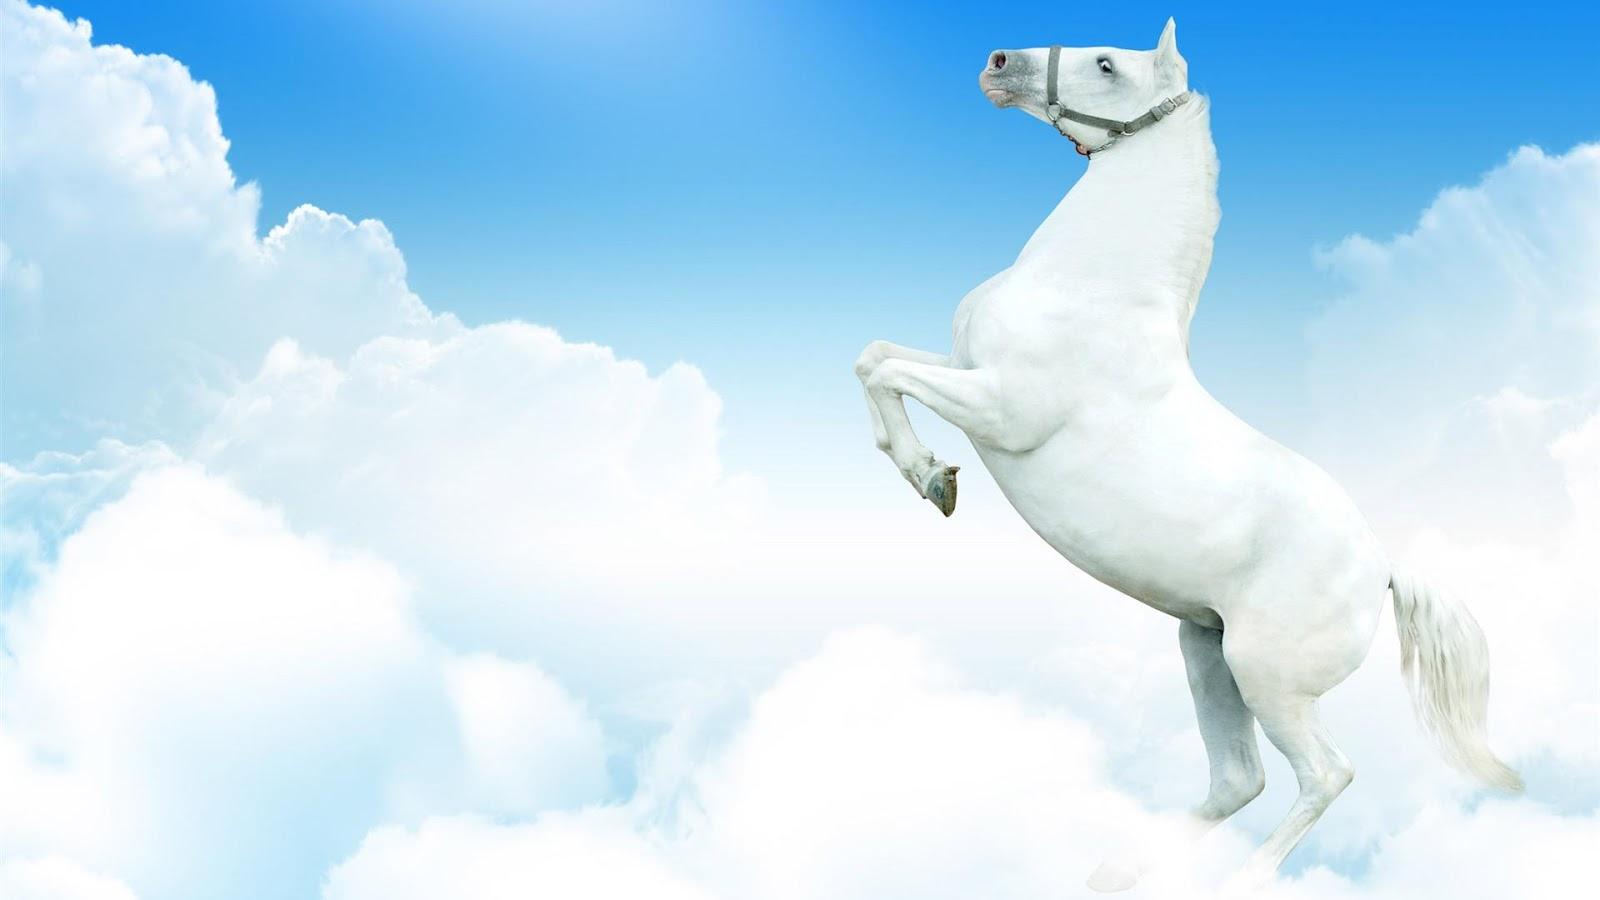 White Horse Wallpapers - Gratis Gambar Background Wallpaper